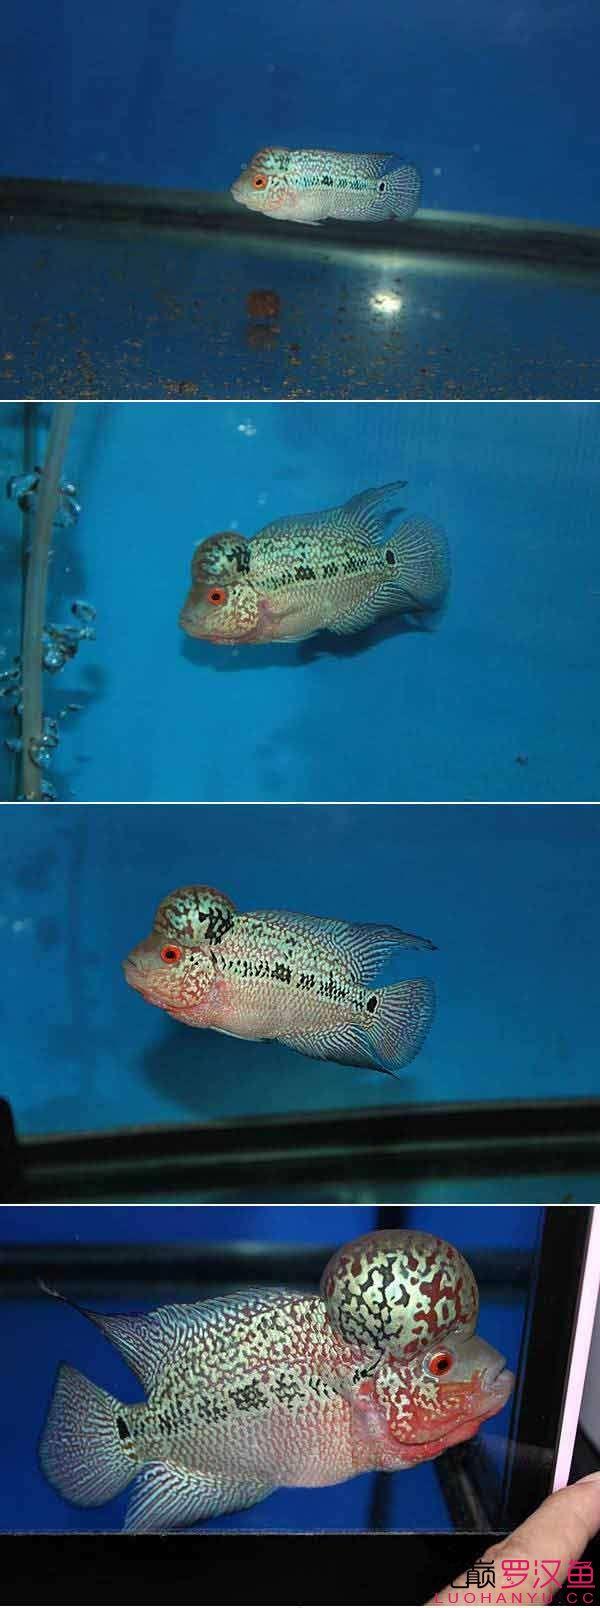 西安哪个水族店卖豹纹夫四个阶段对比发展一级棒 西安龙鱼论坛